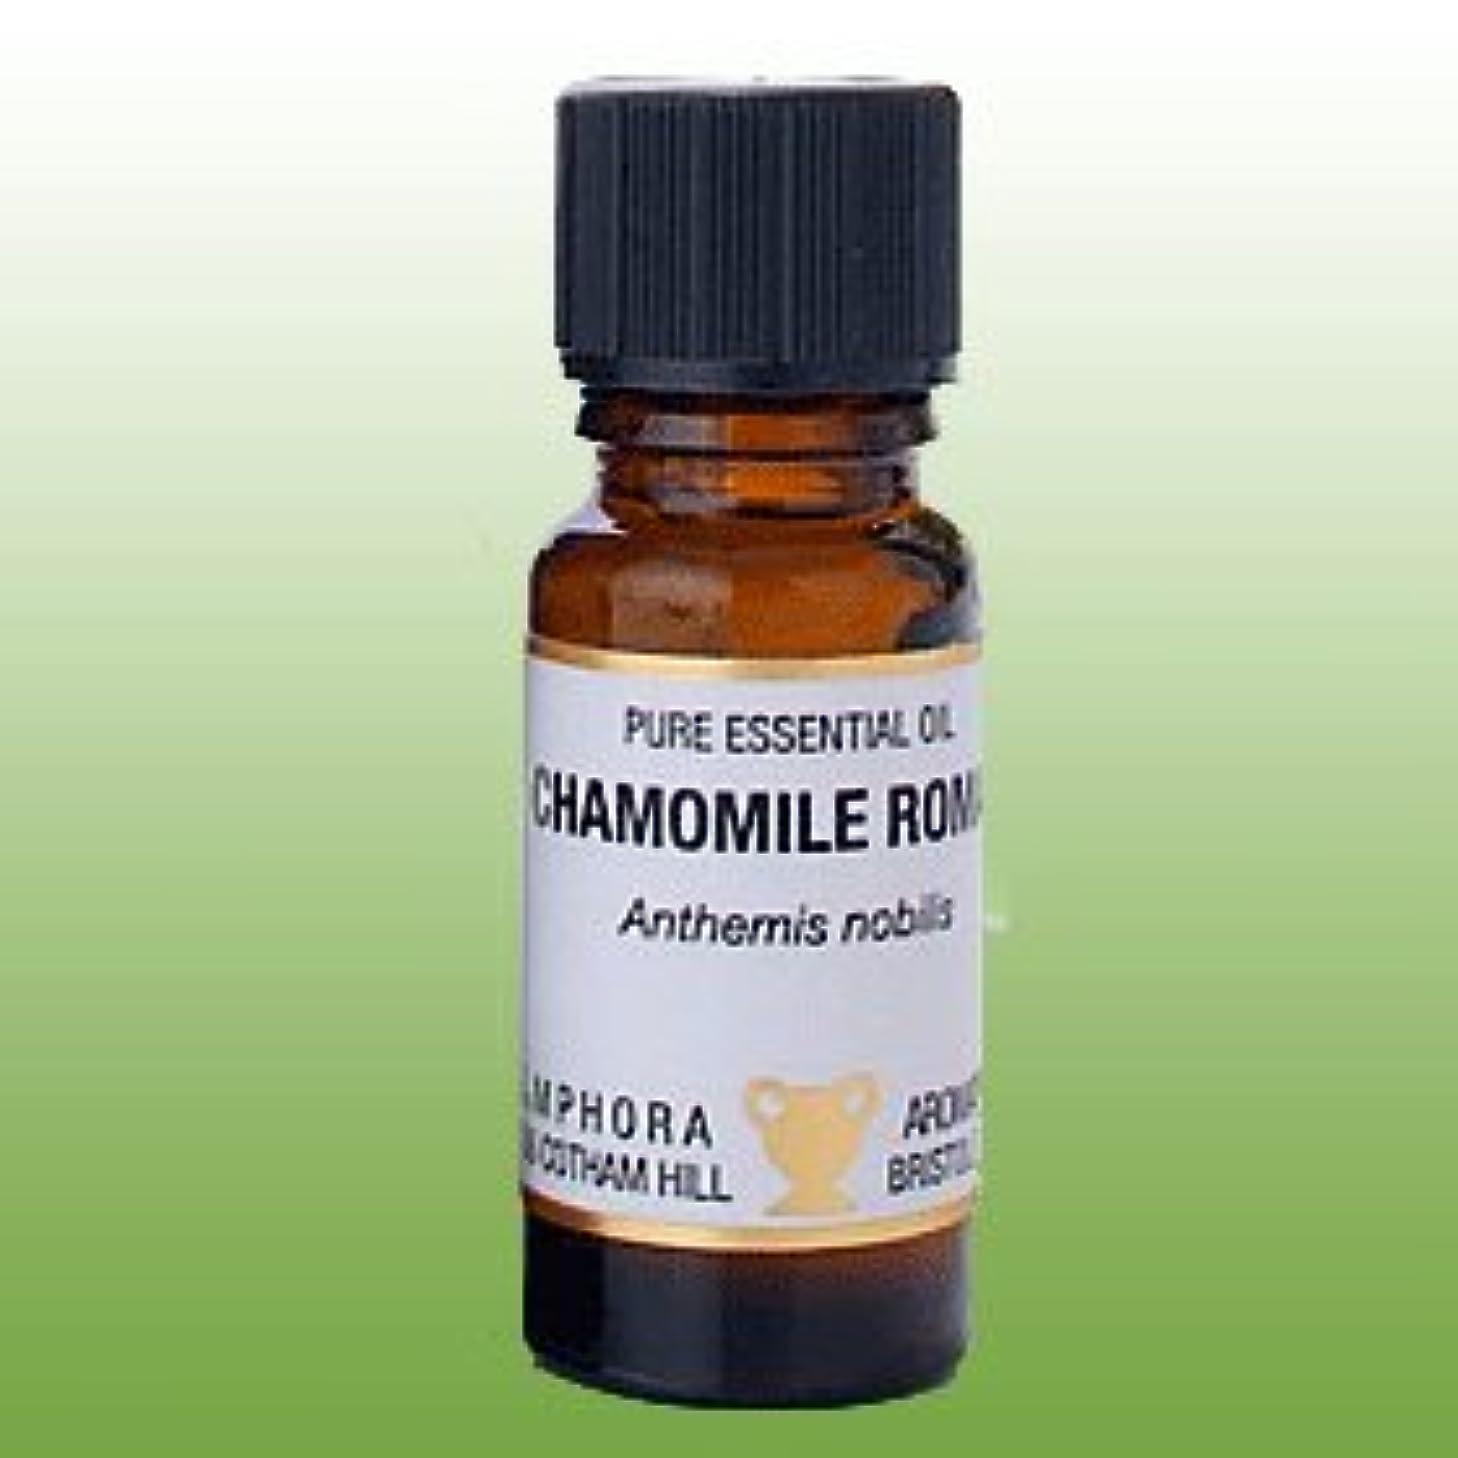 肥沃な陰気誘惑カモミール ローマン 10ml エッセンシャルオイル